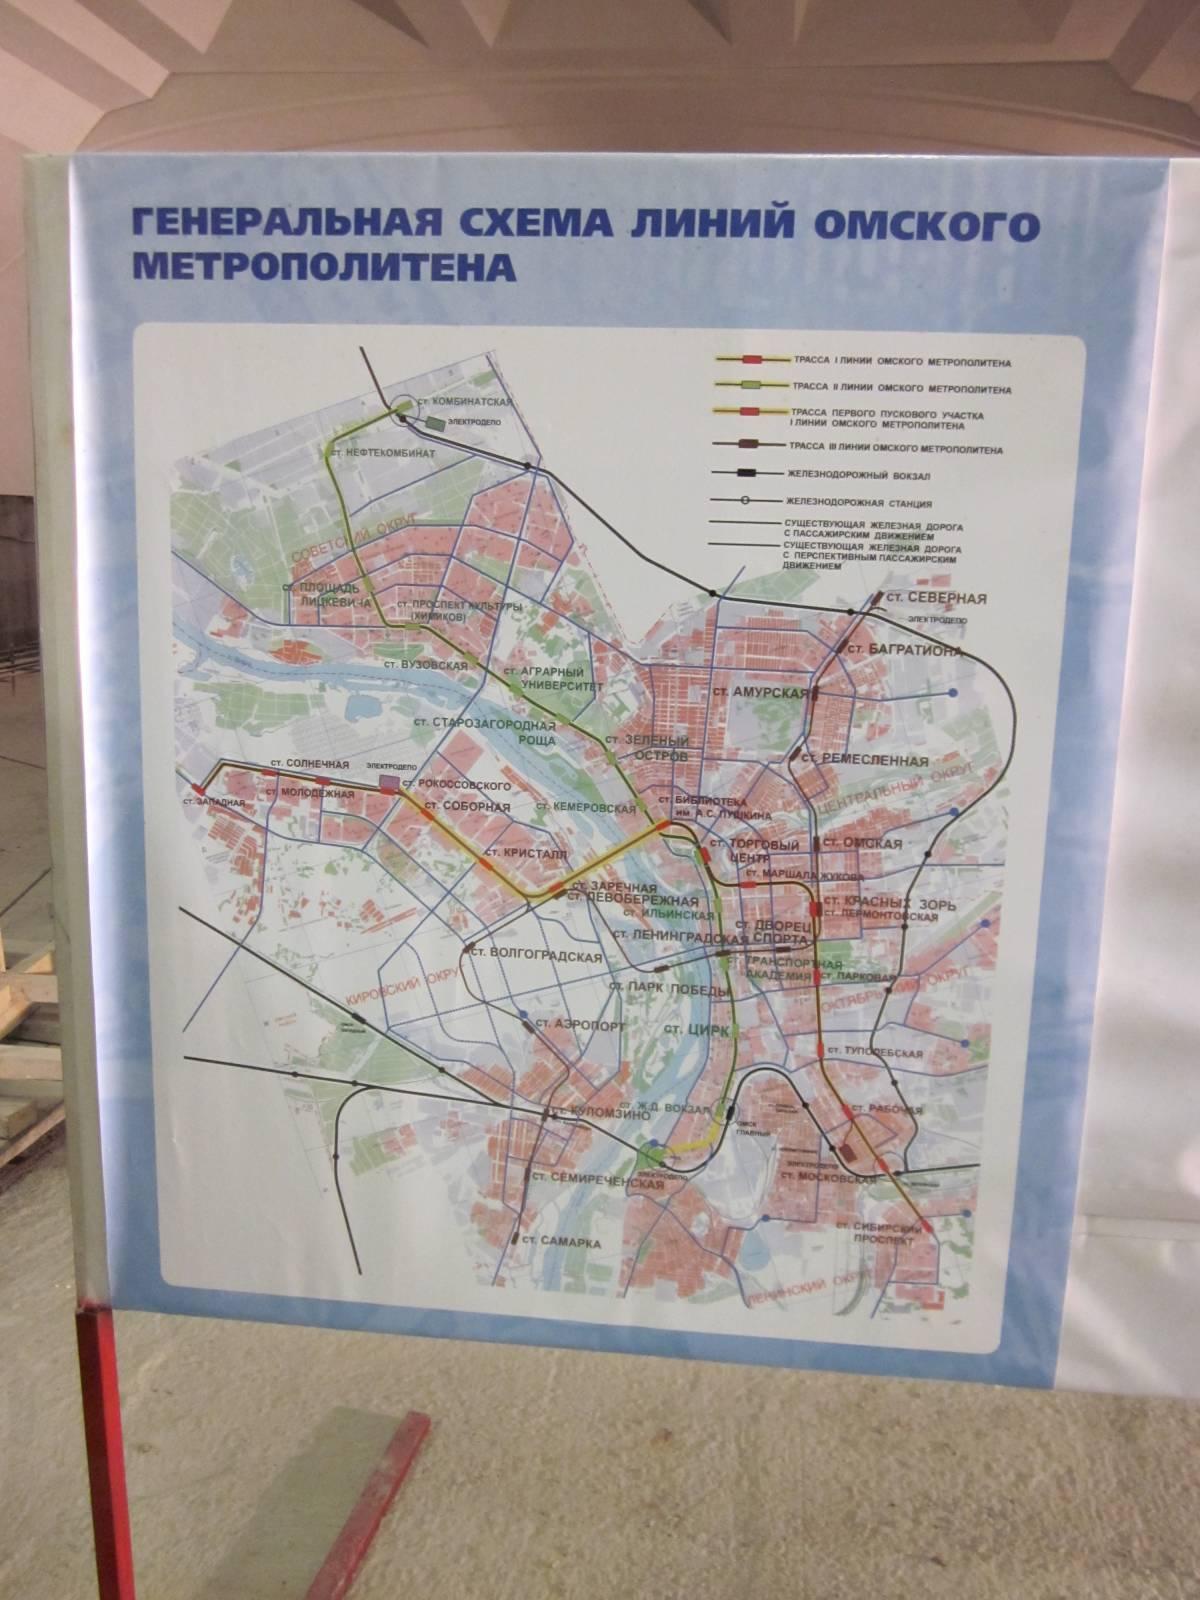 Схема омского метро - Фотографии - Фотоальбом - Диггеры Омска.